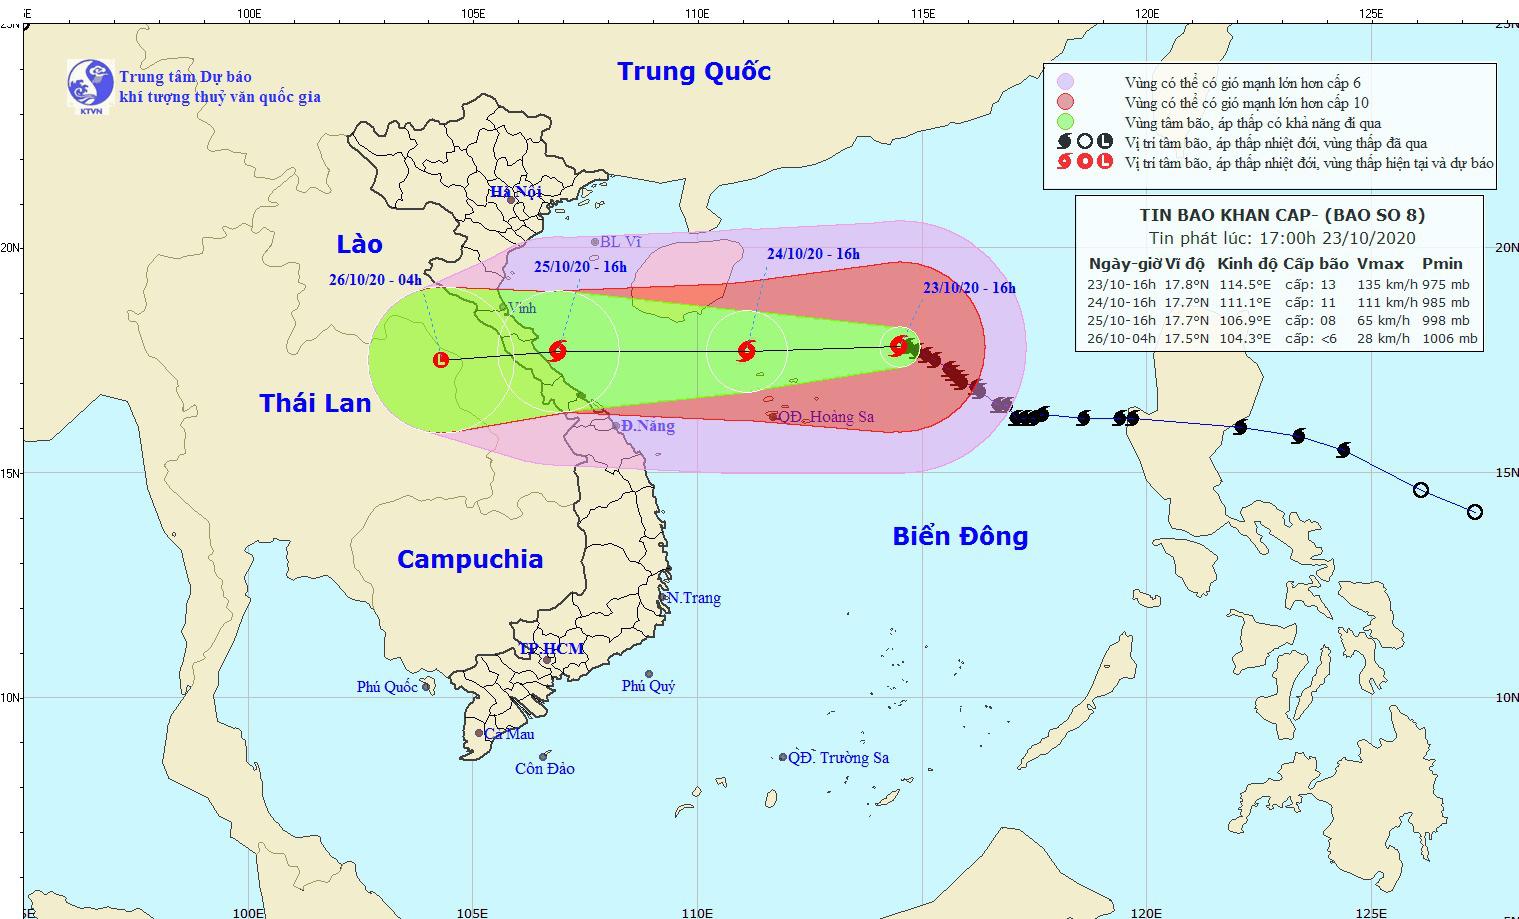 Chưa từng có: Một tháng đón 5 cơn bão, áp thấp, Hà Tĩnh, Thừa Thiên - Huế nguy cơ mưa lớn do bão số 8 - Ảnh 3.